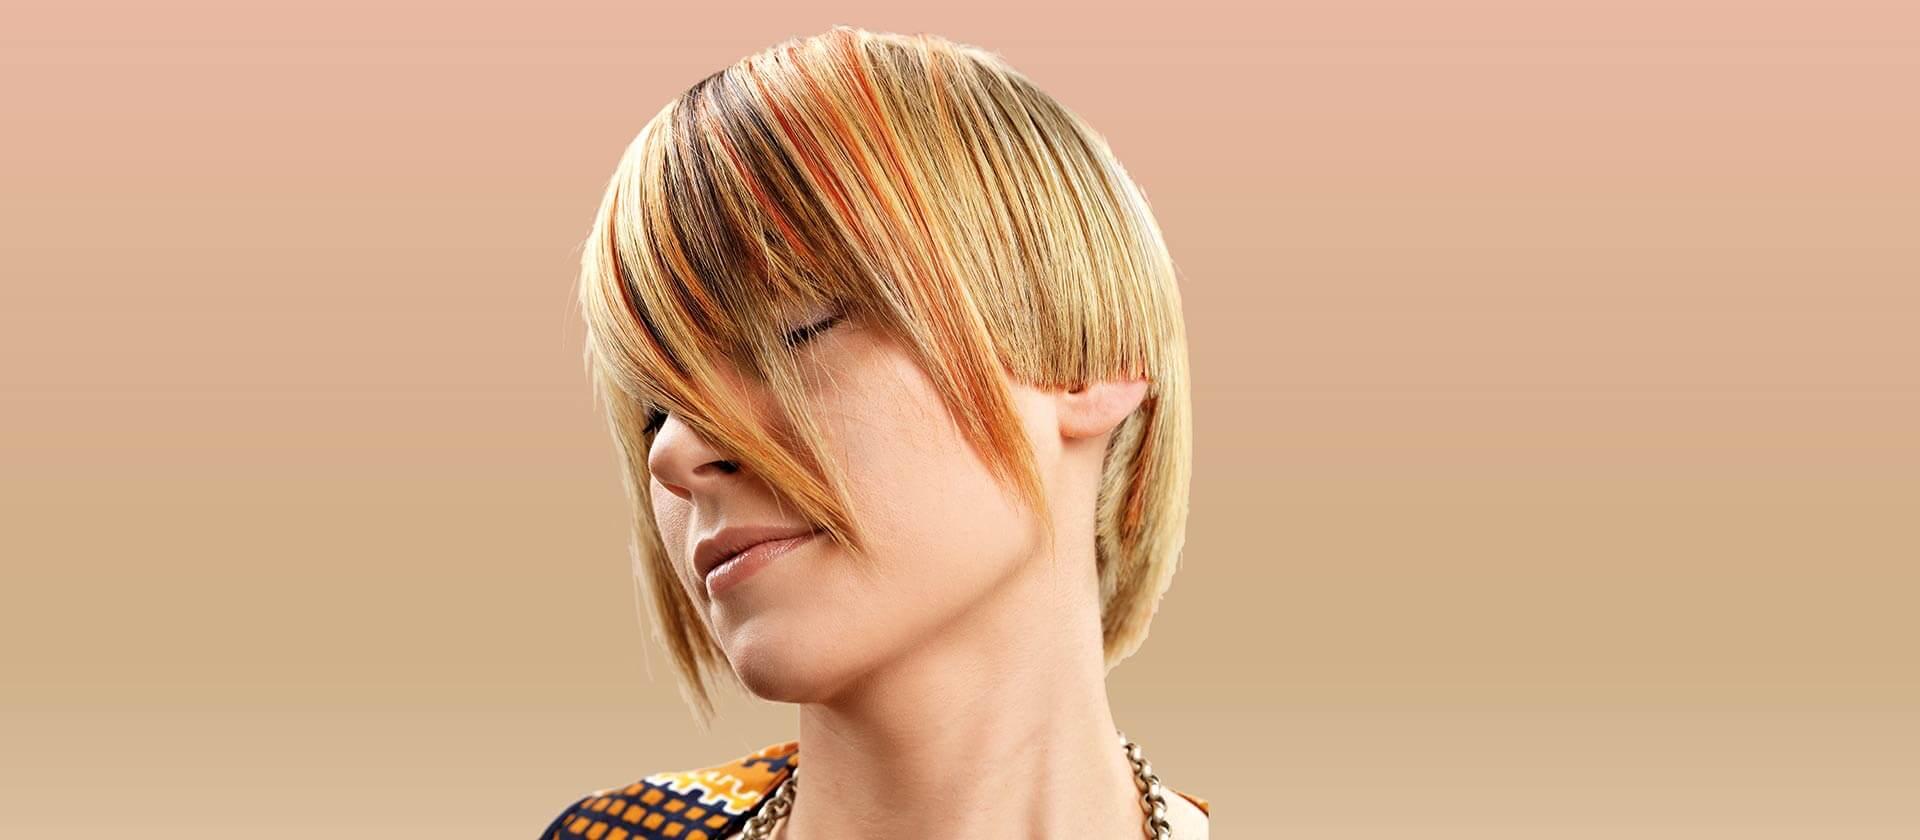 Caschetto femminile di capelli biondi lisci con colpi di sole e ciocche rosso mogano